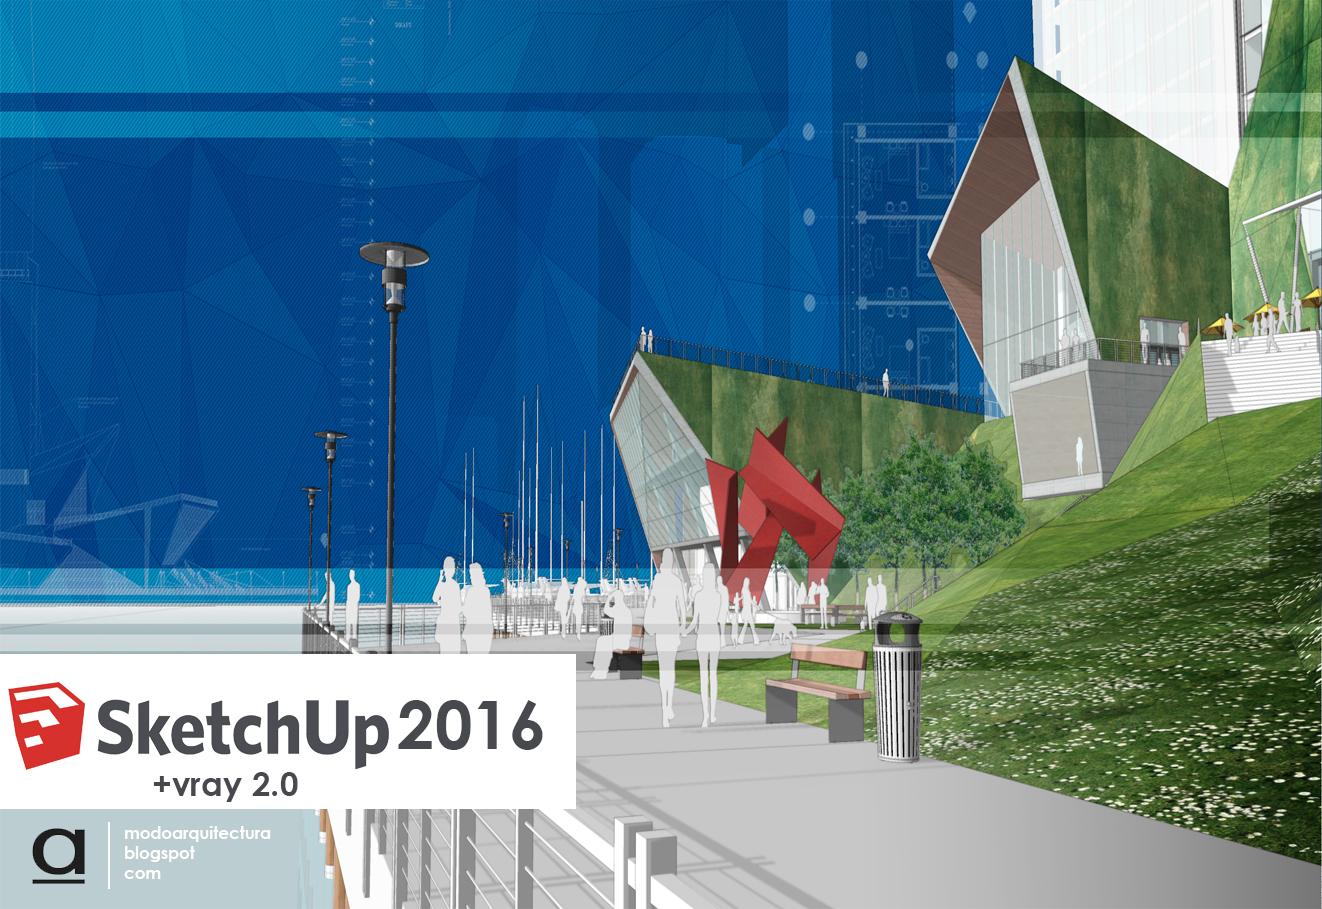 descargar sketchup 2017 gratis en español 64 bits